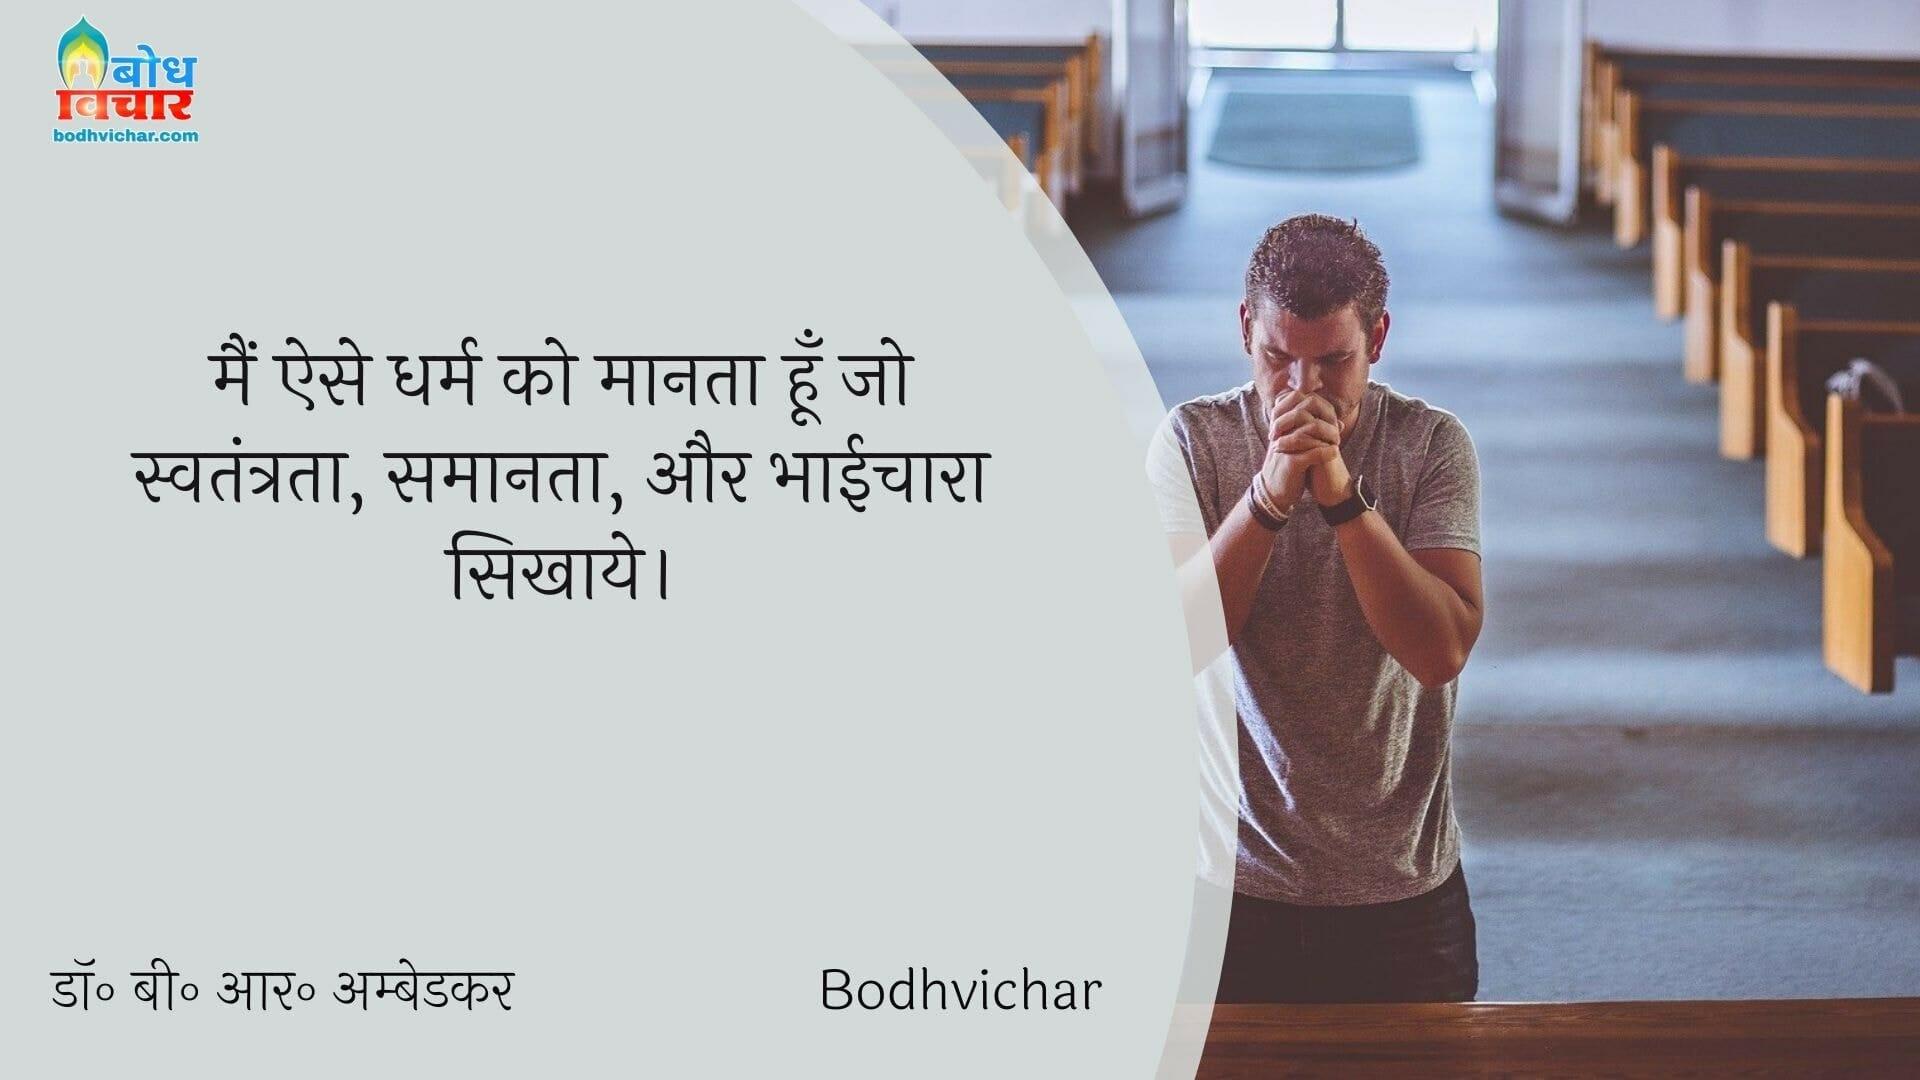 मैं ऐसे धर्म को मानता हूँ जो स्वतंत्रता, समानता, और भाईचारा सिखाये। : Main ese dharm ko maanta hu jo swatantrata, samaanta aur bhaaichara sikhaaye. - डॉ॰ बी॰ आर॰ अम्बेडकर